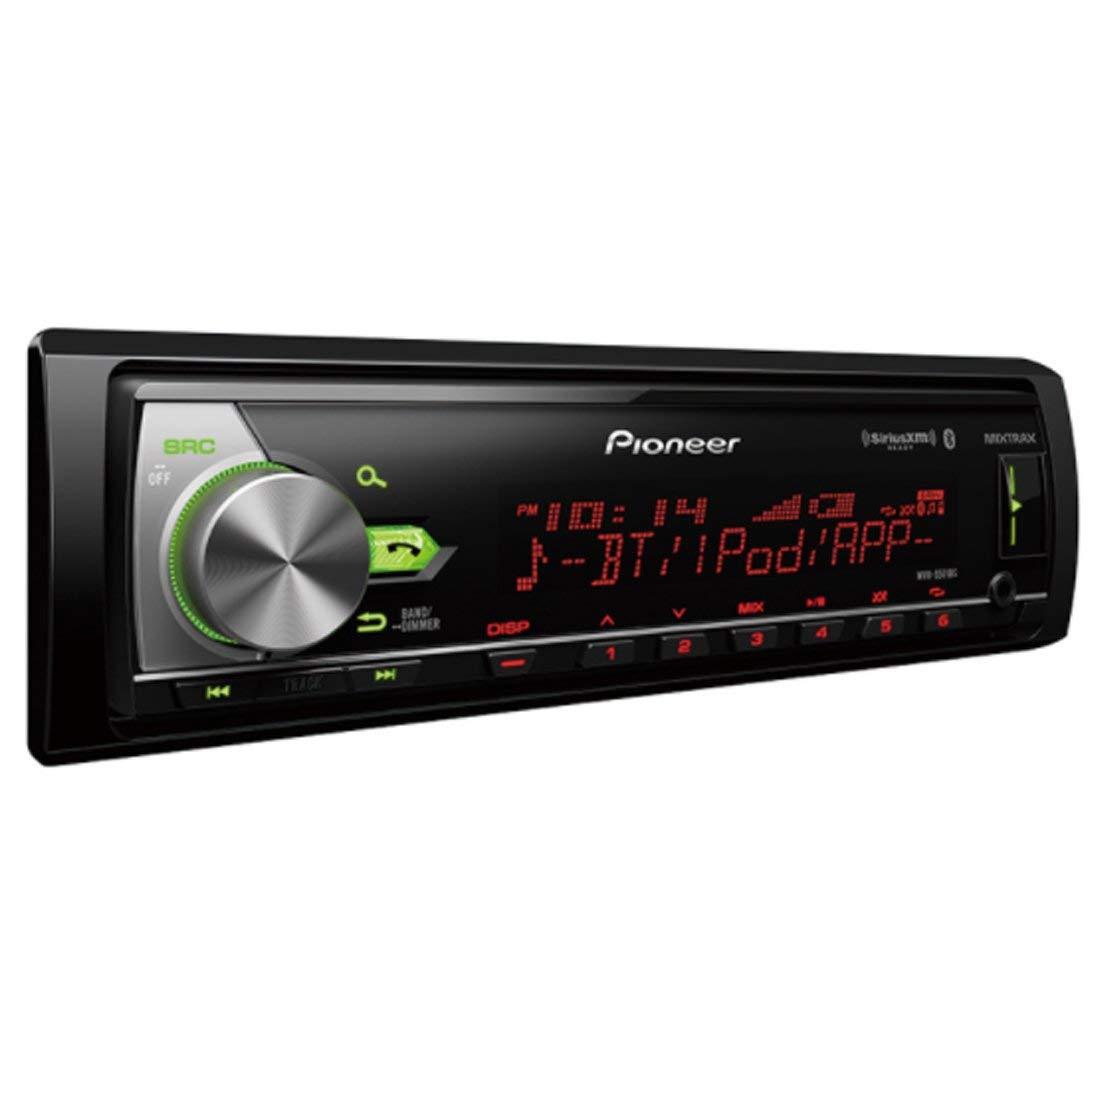 Pioneer MVH-S501BS Digital Media Receiver with Bluetooth Renewed